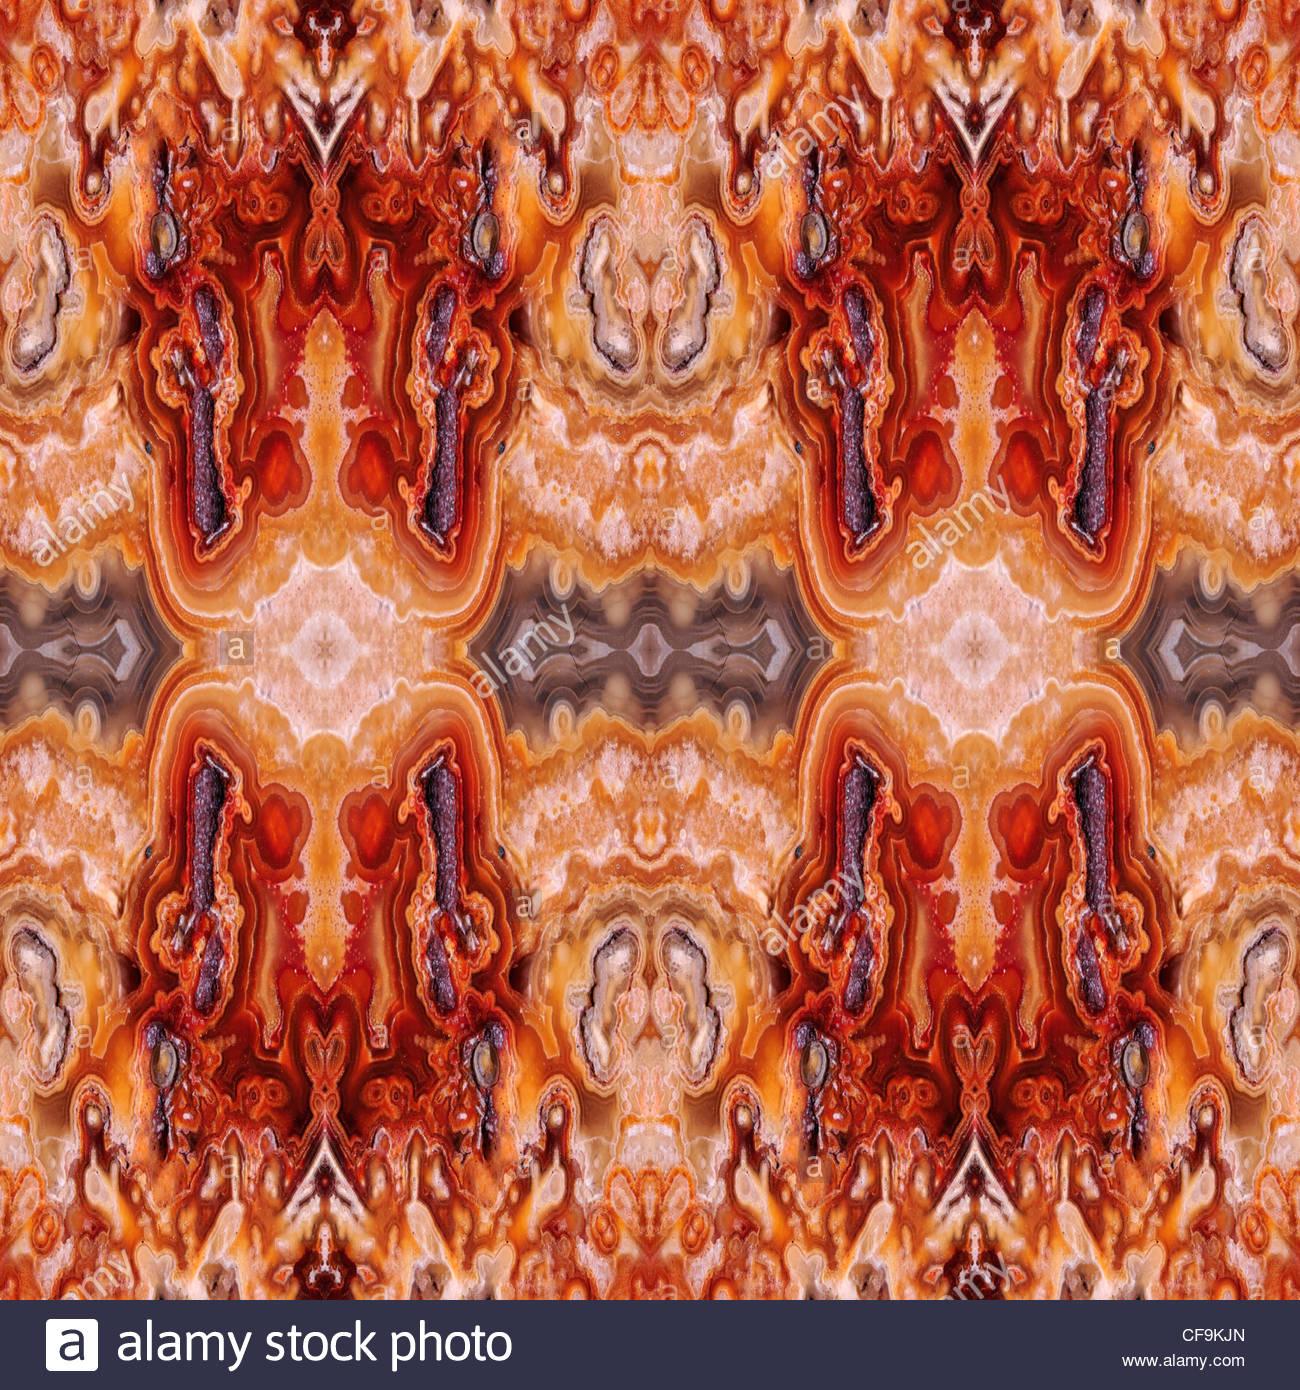 Slice pulida de Jasper (opaco, fina forma de calcedonia) Patrón hecho de copias repetidas de la imagen Imagen De Stock